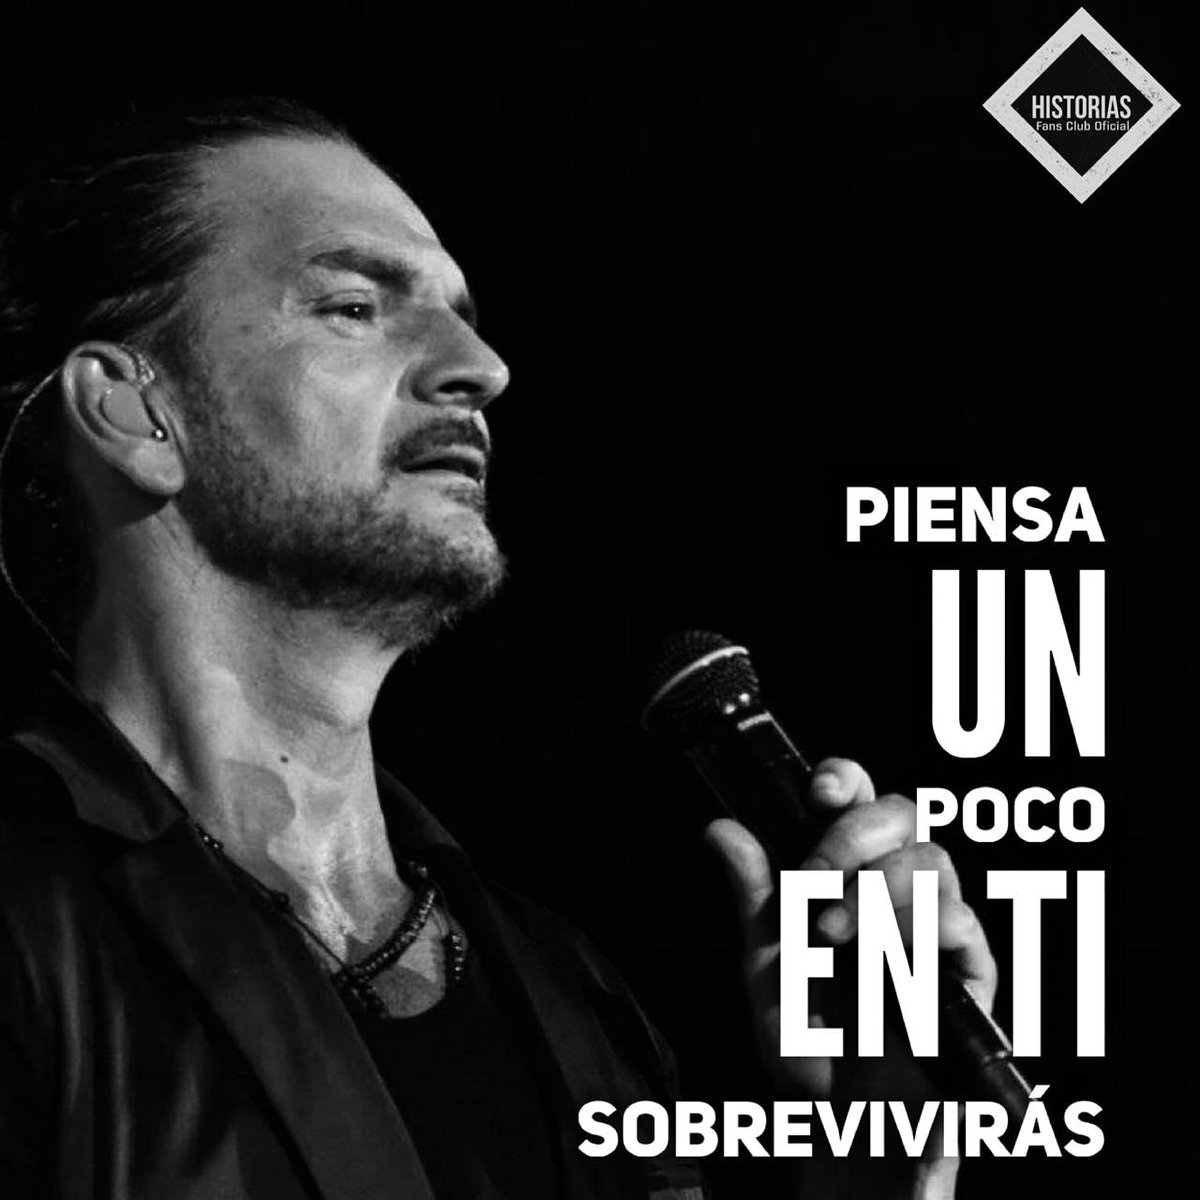 #TravesurasBlanco , 12 de Febrero en todas las plataformas. #RicardoArjona #MundoArjona @ricardoarjona @metamorfosismedia @infomundoarjona @historiasarjonaoficial